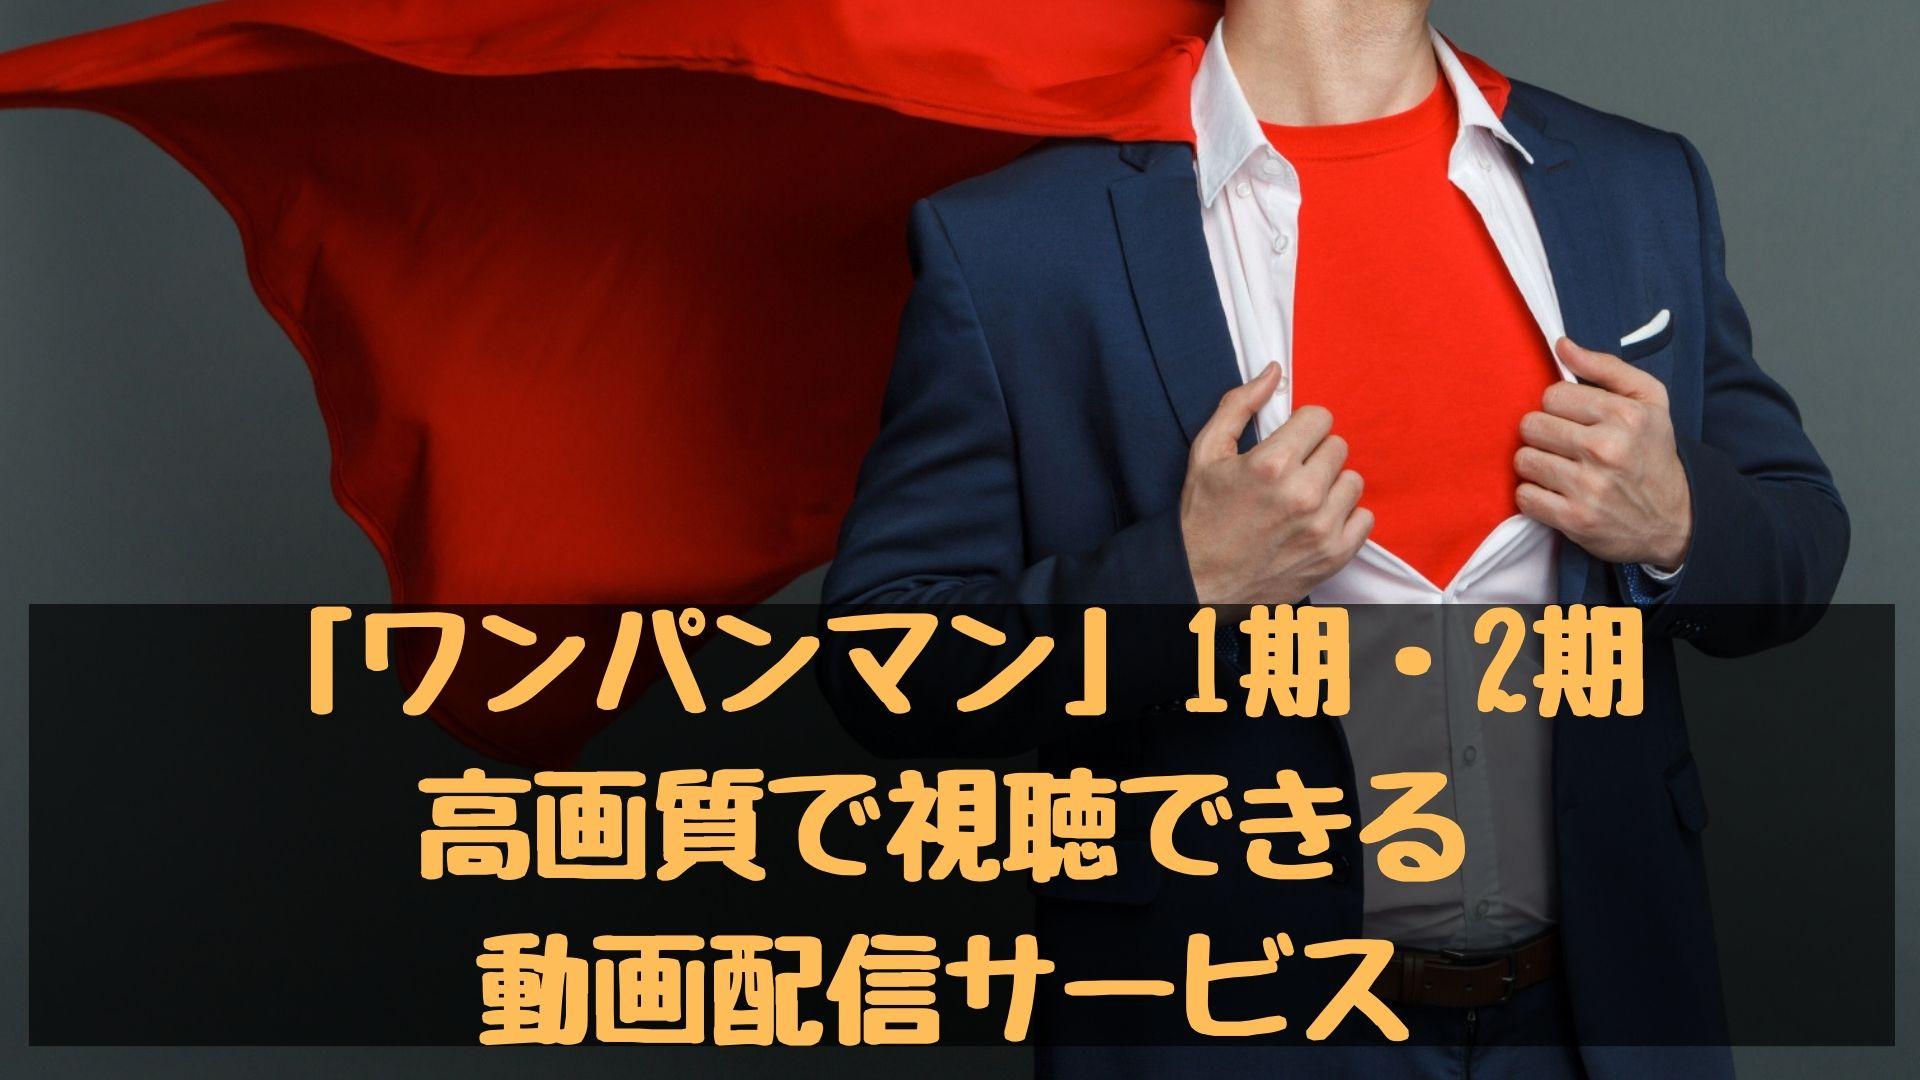 アニメ「ワンパンマン」1期・2期の動画!高画質で視聴できる動画配信サービス一覧!